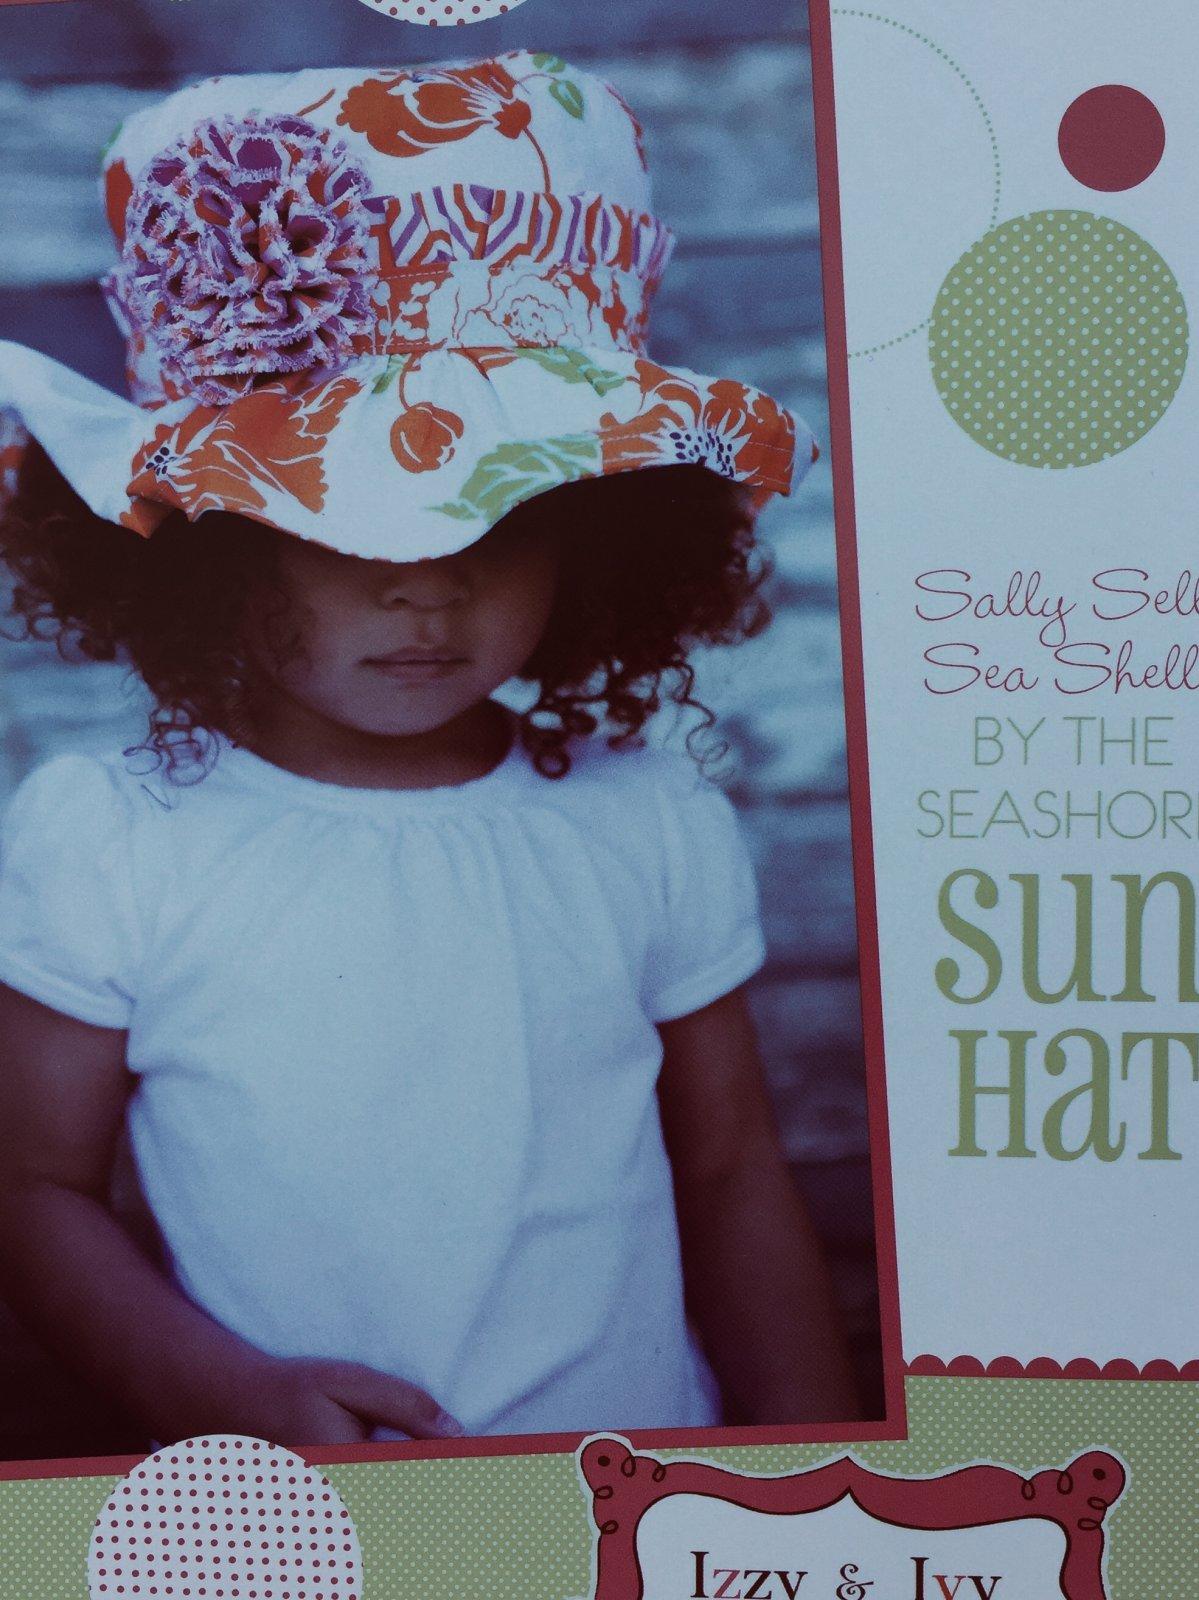 Sally Sun Hat